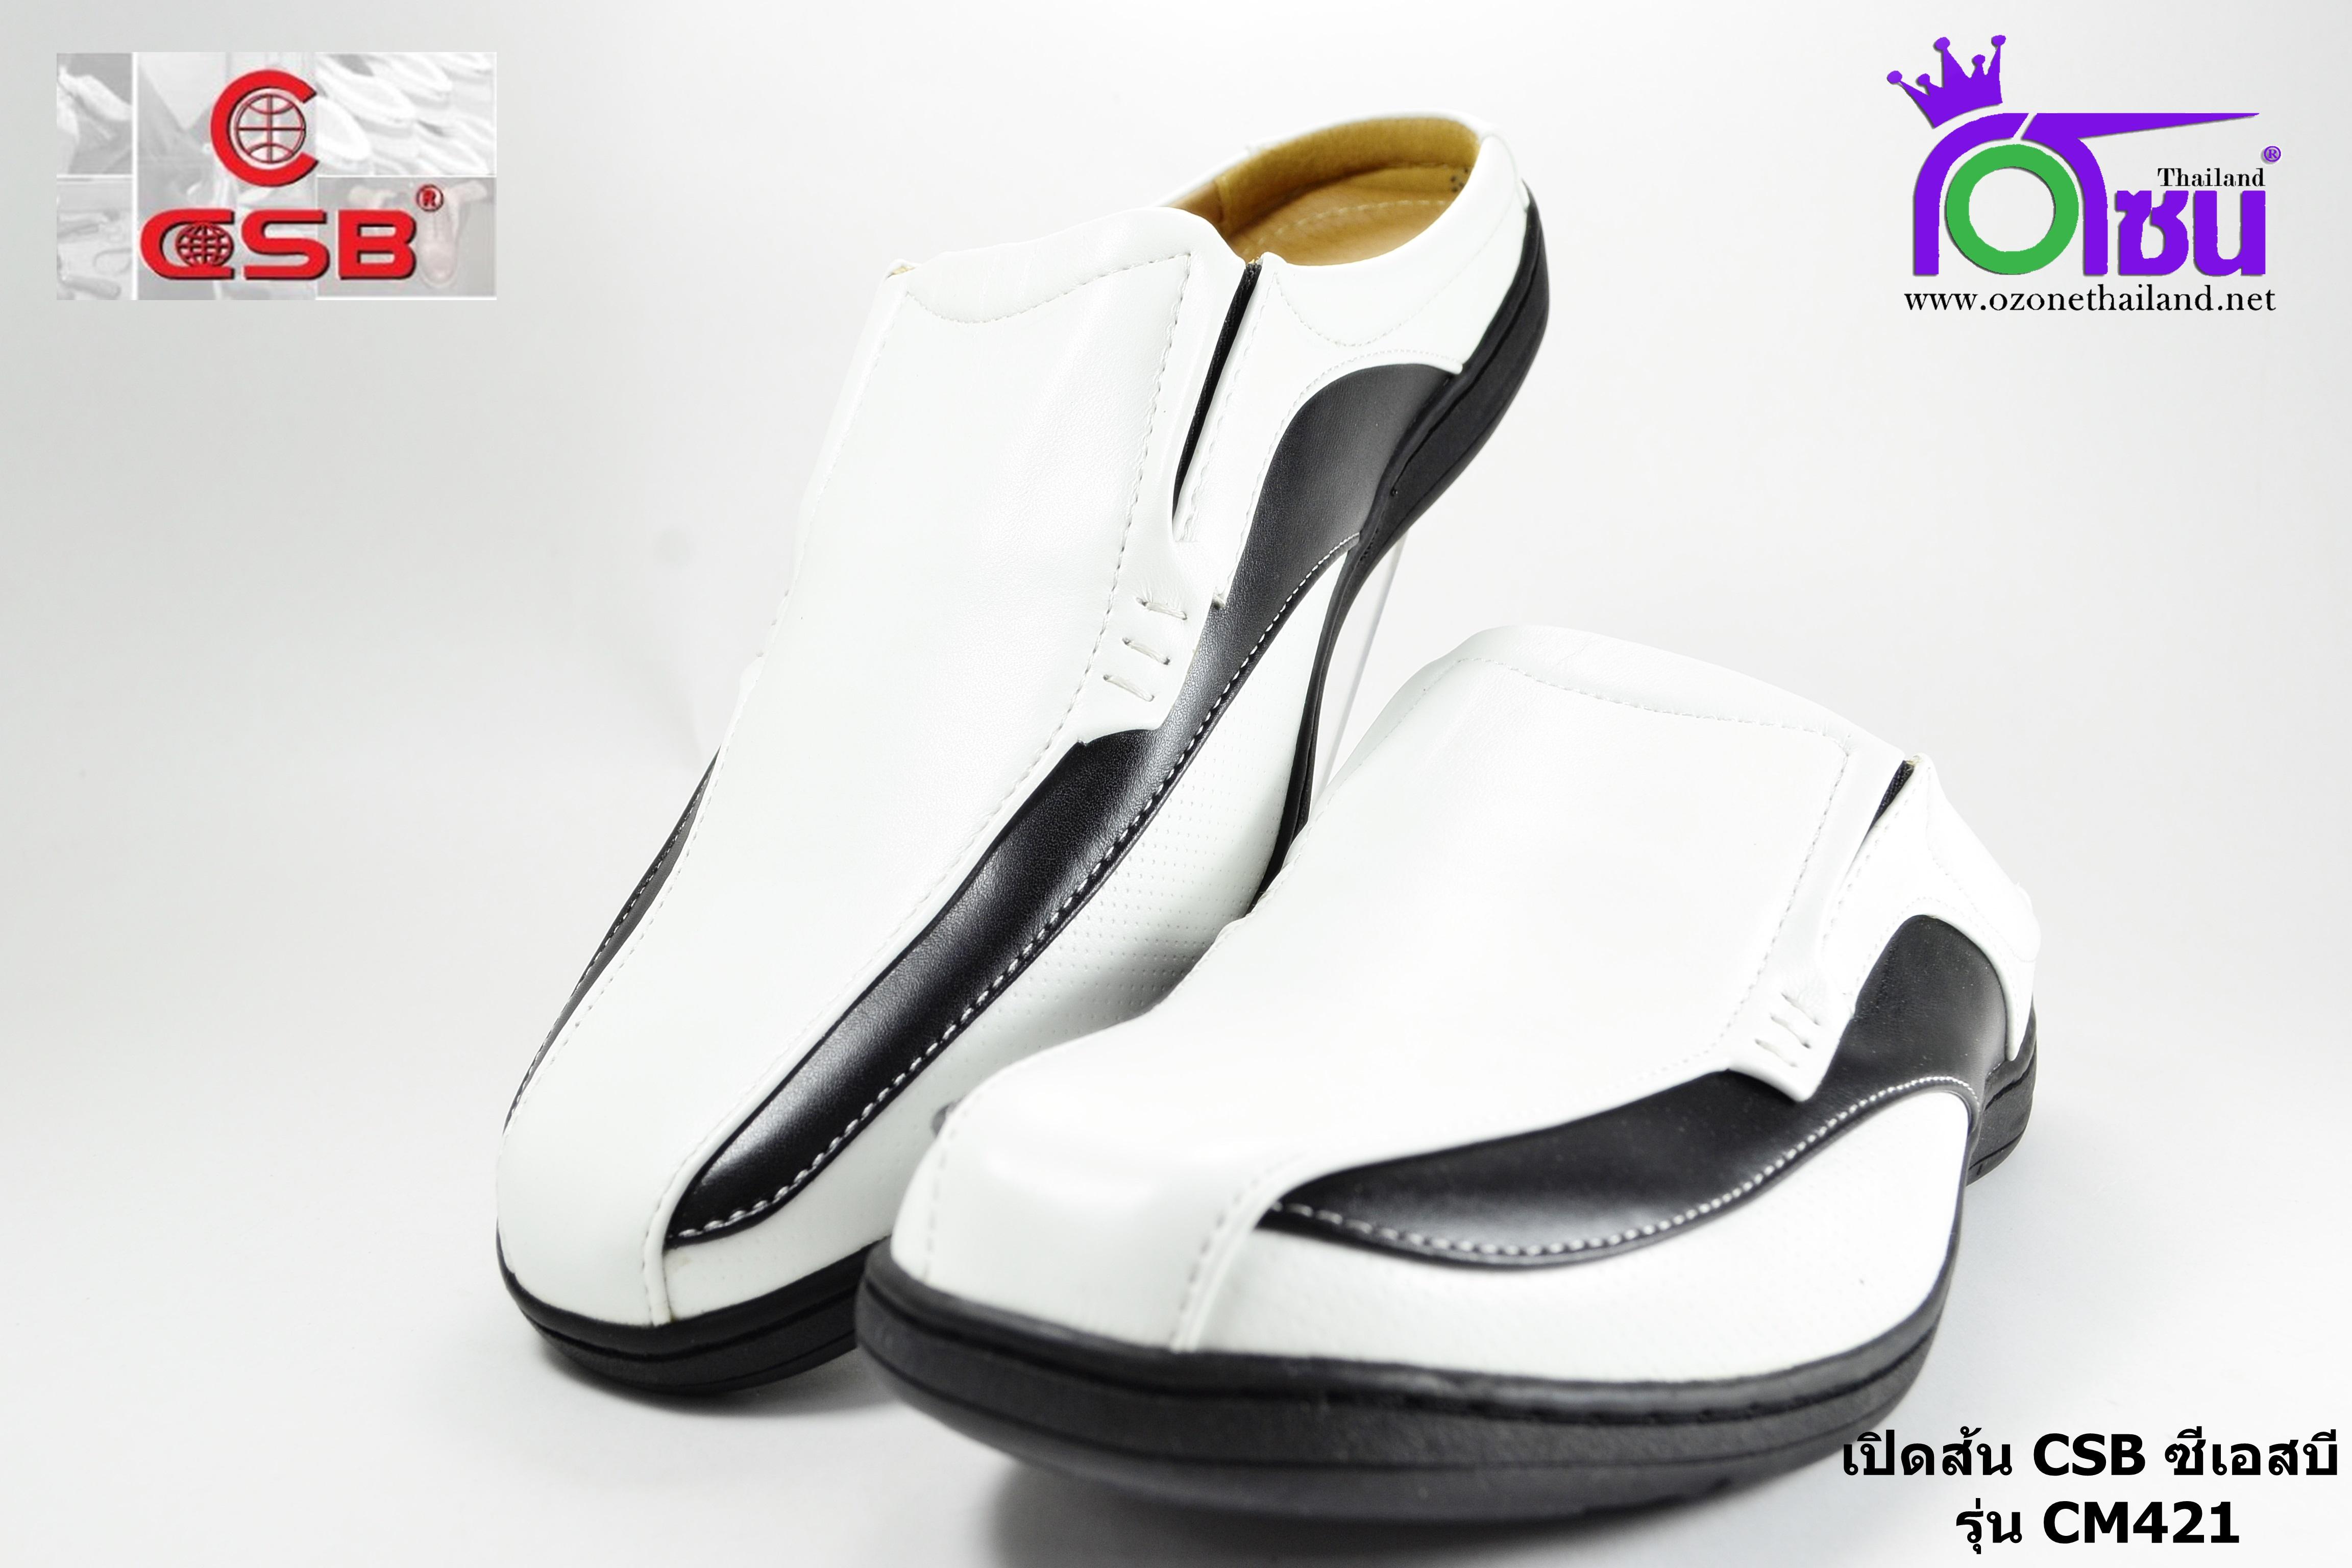 รองเท้าหนังเปิดส้น CSB ซีเอสบี รหัส CM421 สีขาวขลิบดำ เบอร์ 40-45